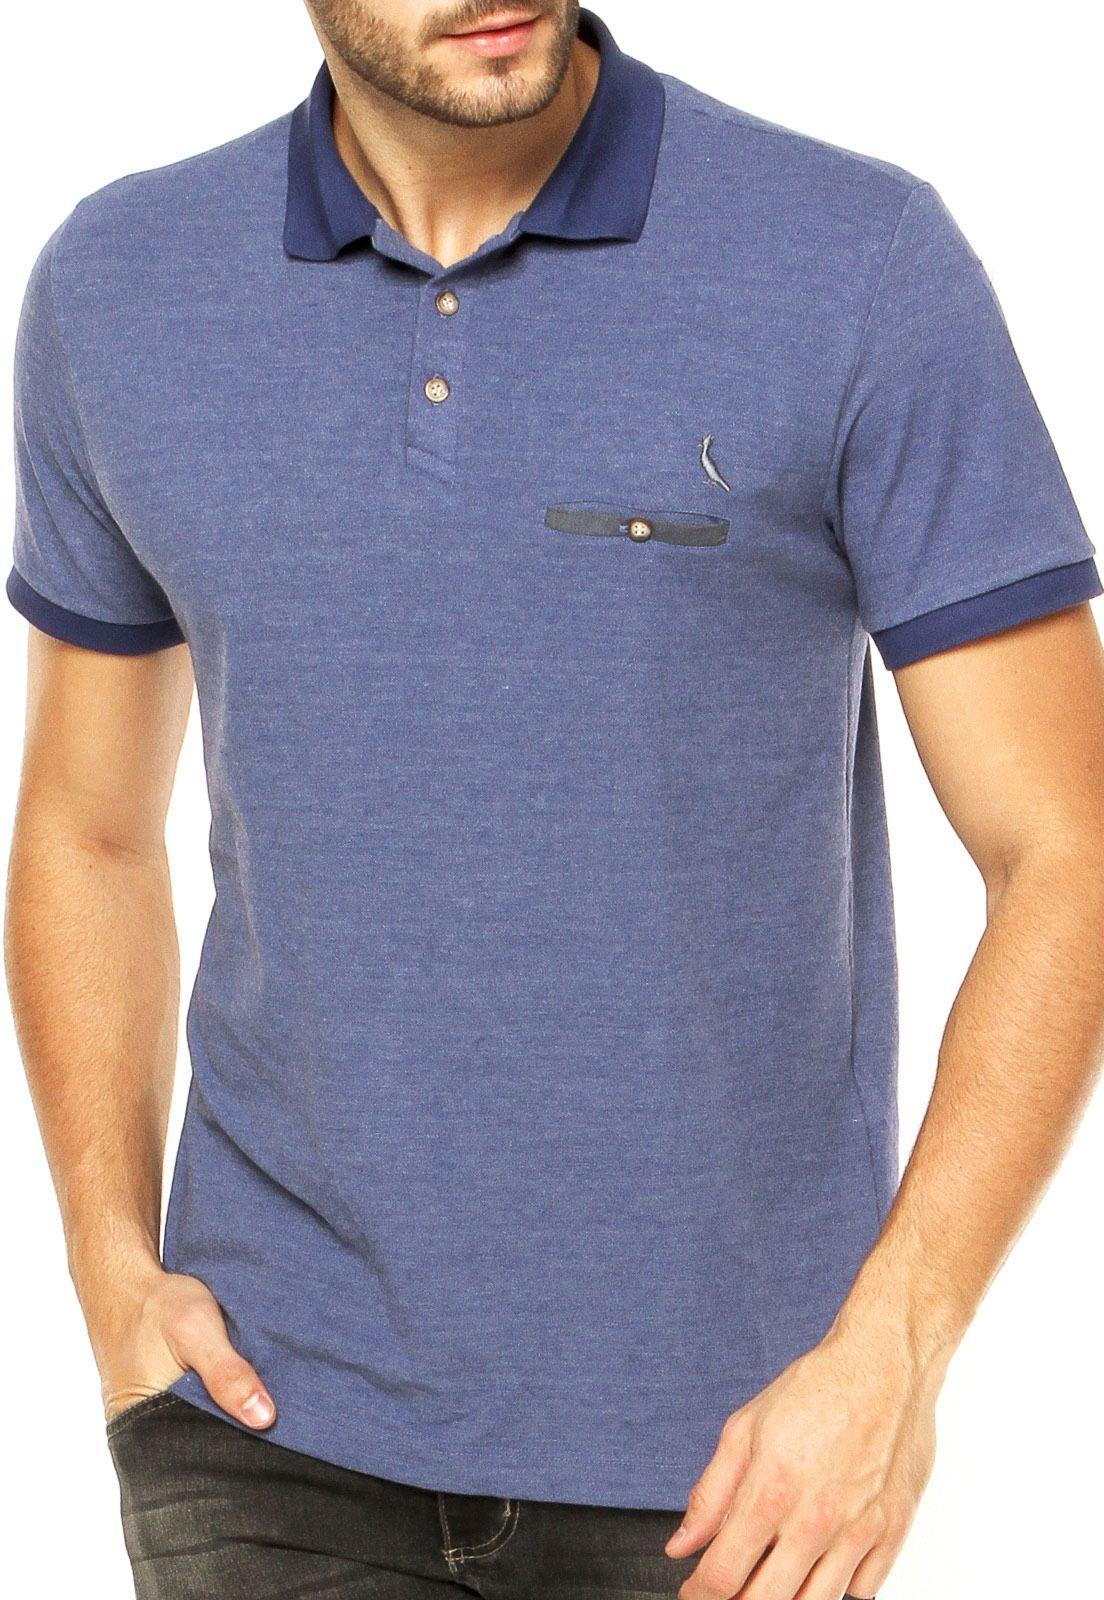 498e4d31be Camisa Polo Reserva Azul - Compre Agora